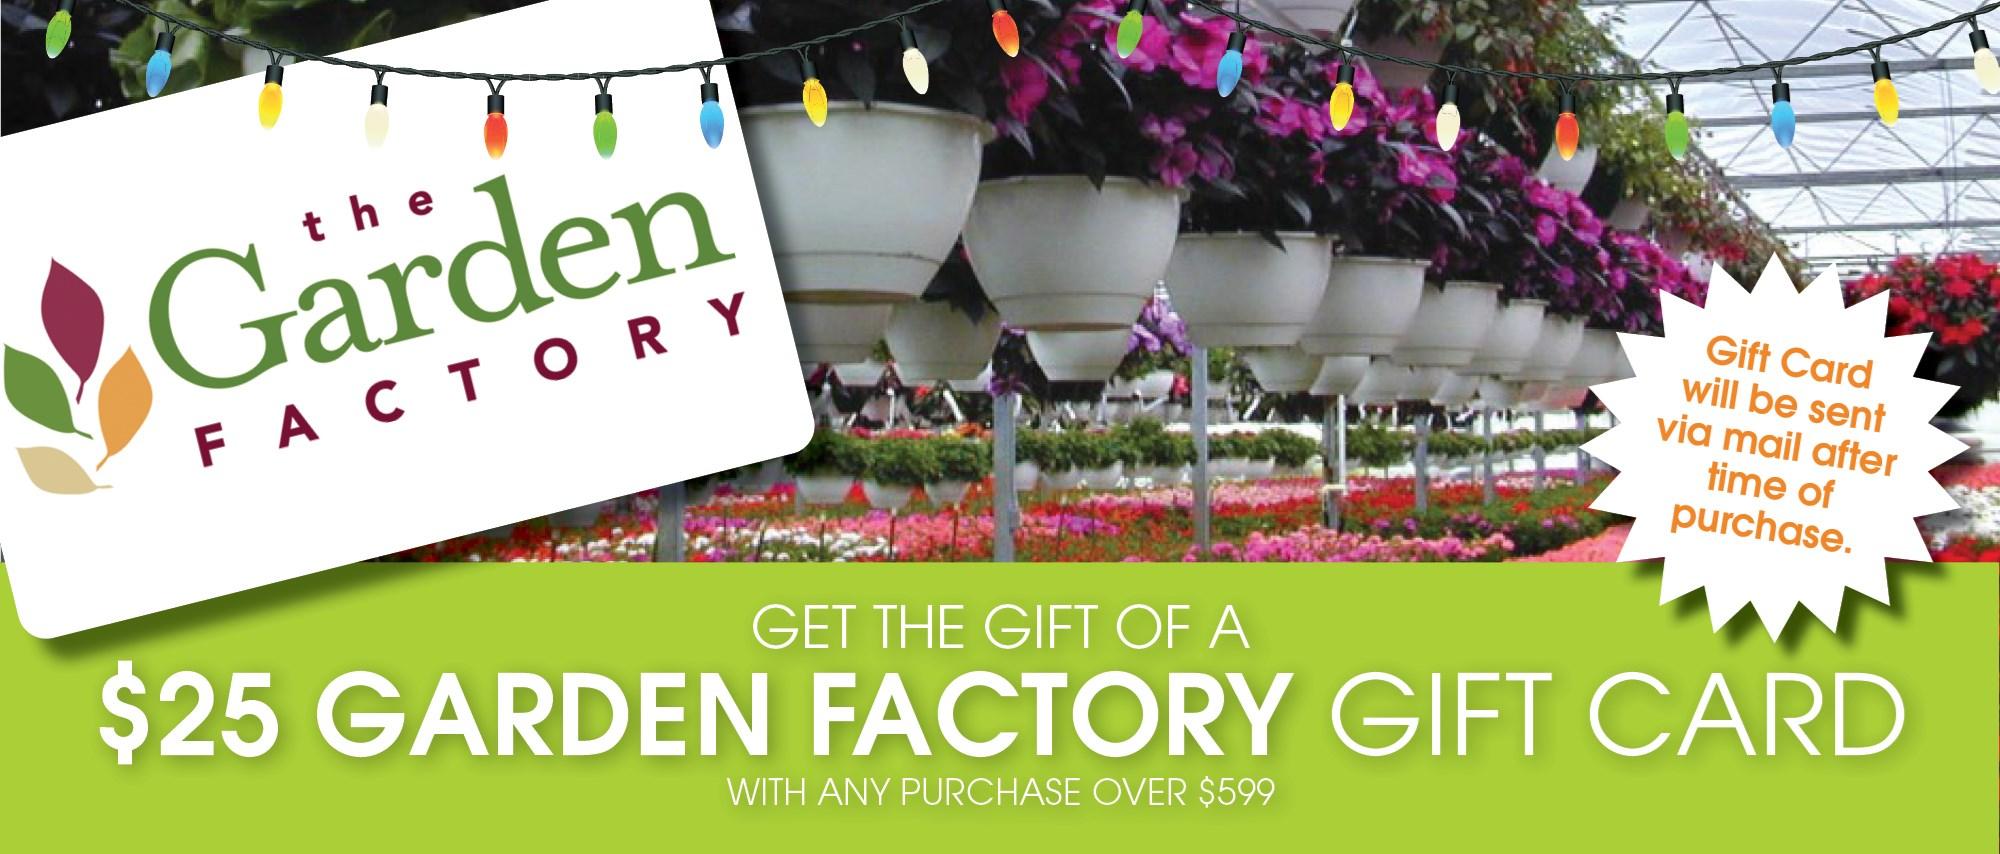 Garden Factory Gift Card